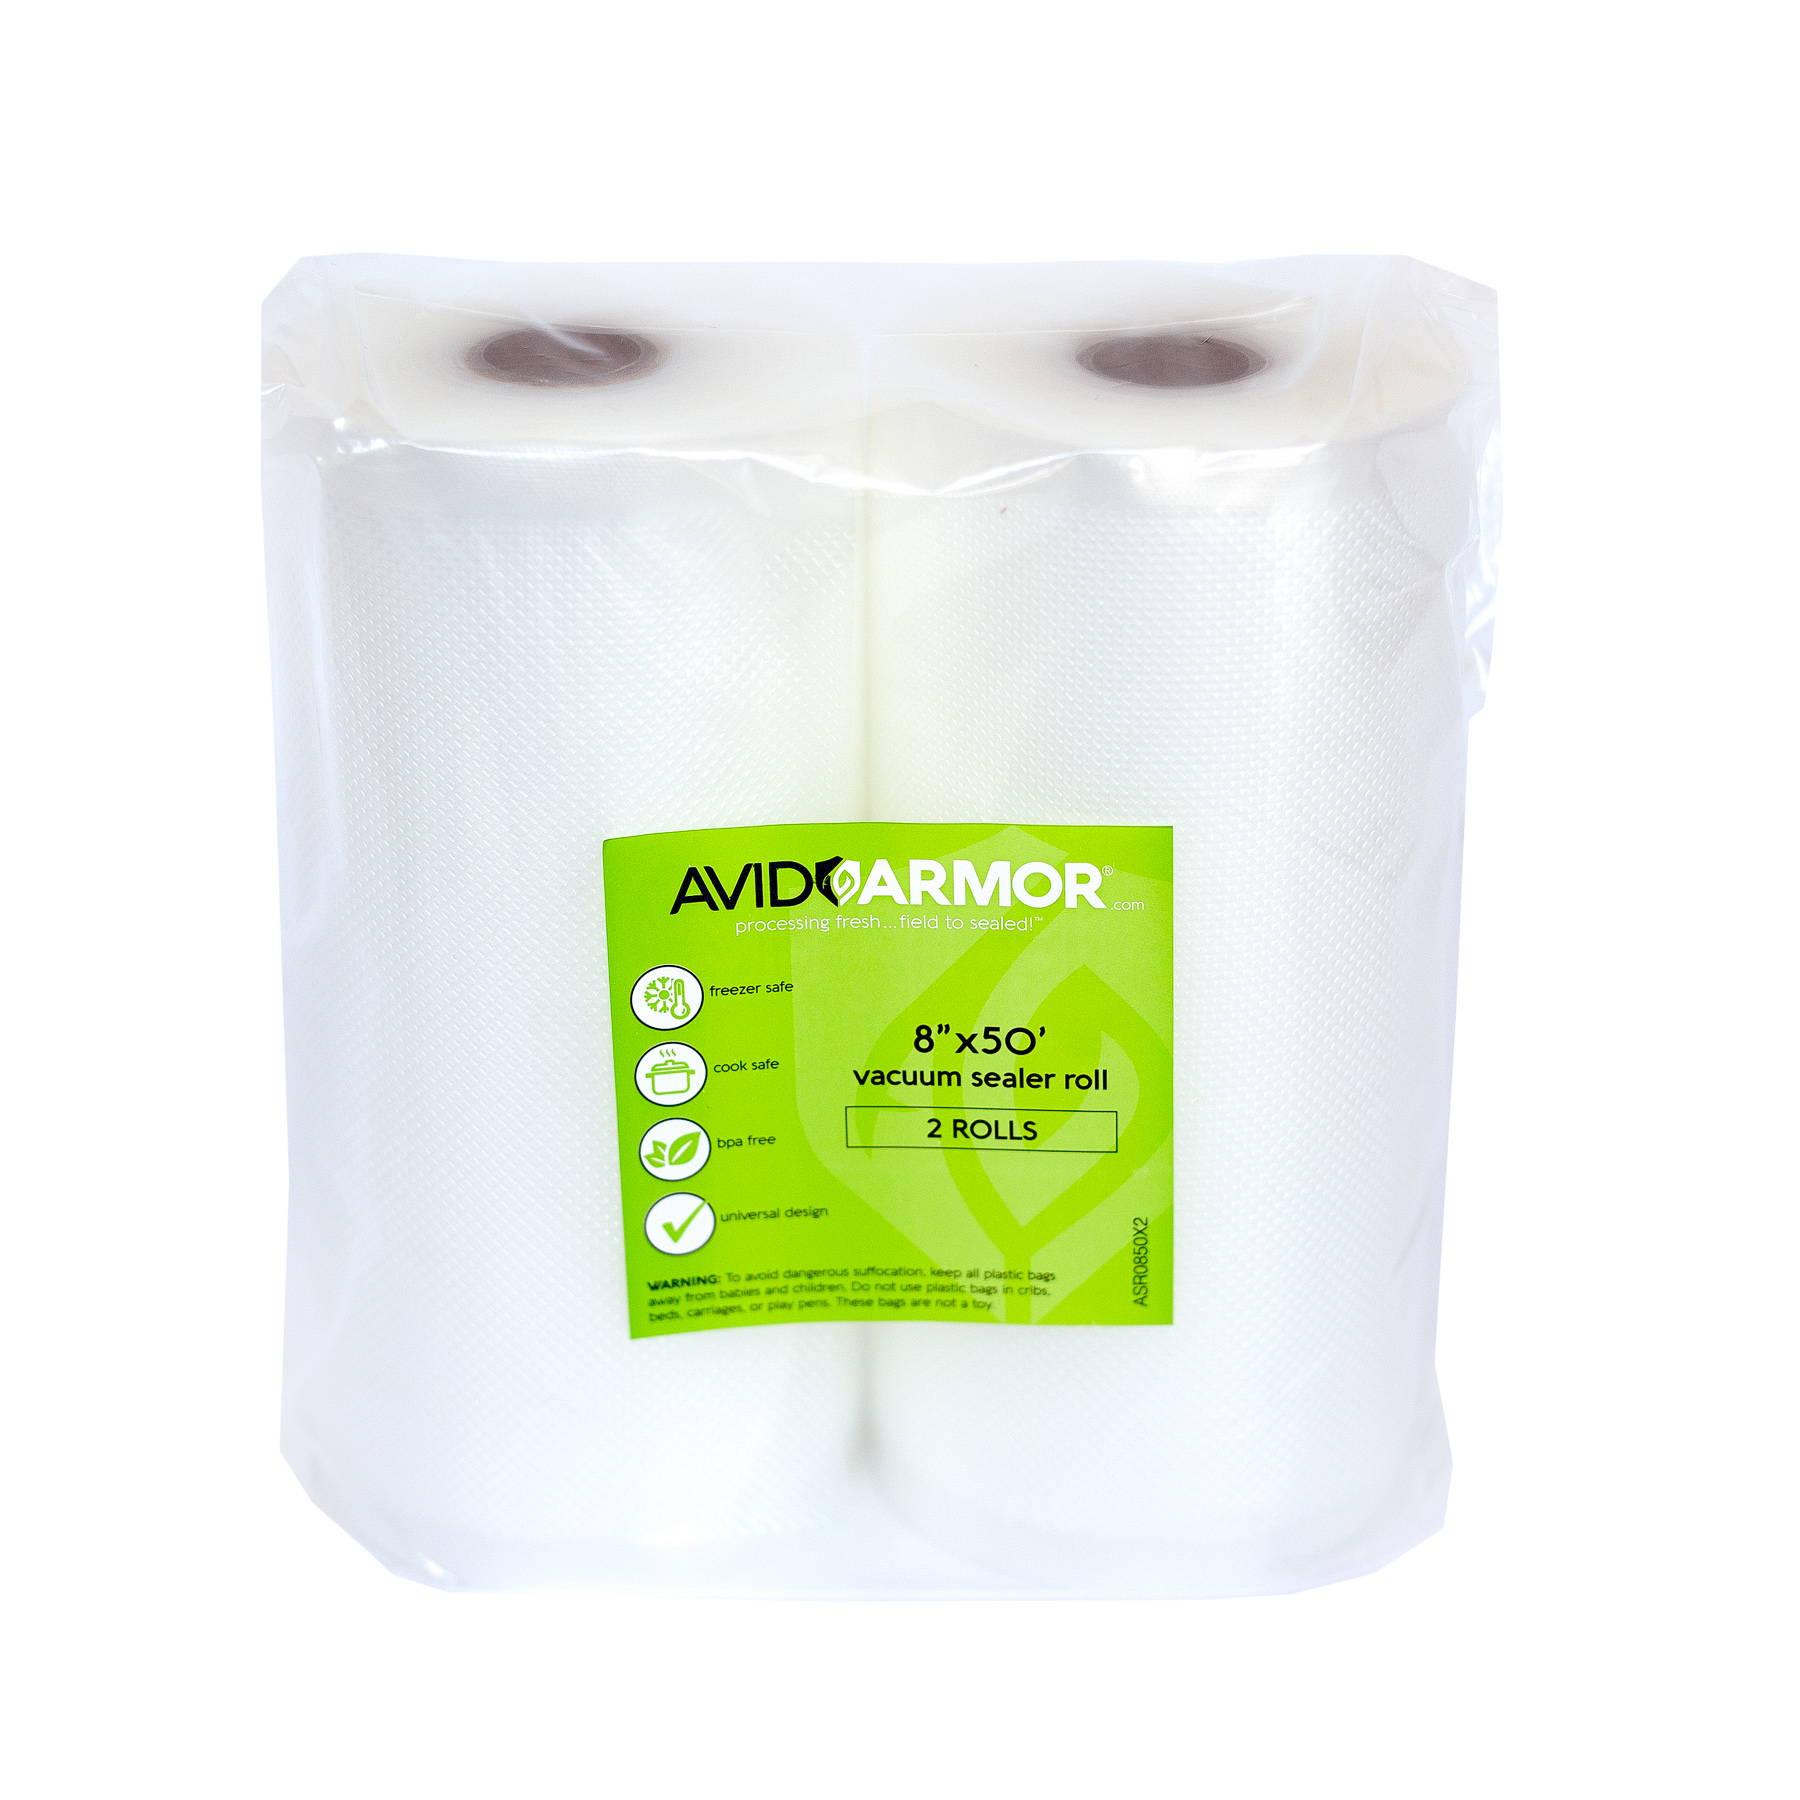 8x50 vacuum sealer roll bags for Food Saver